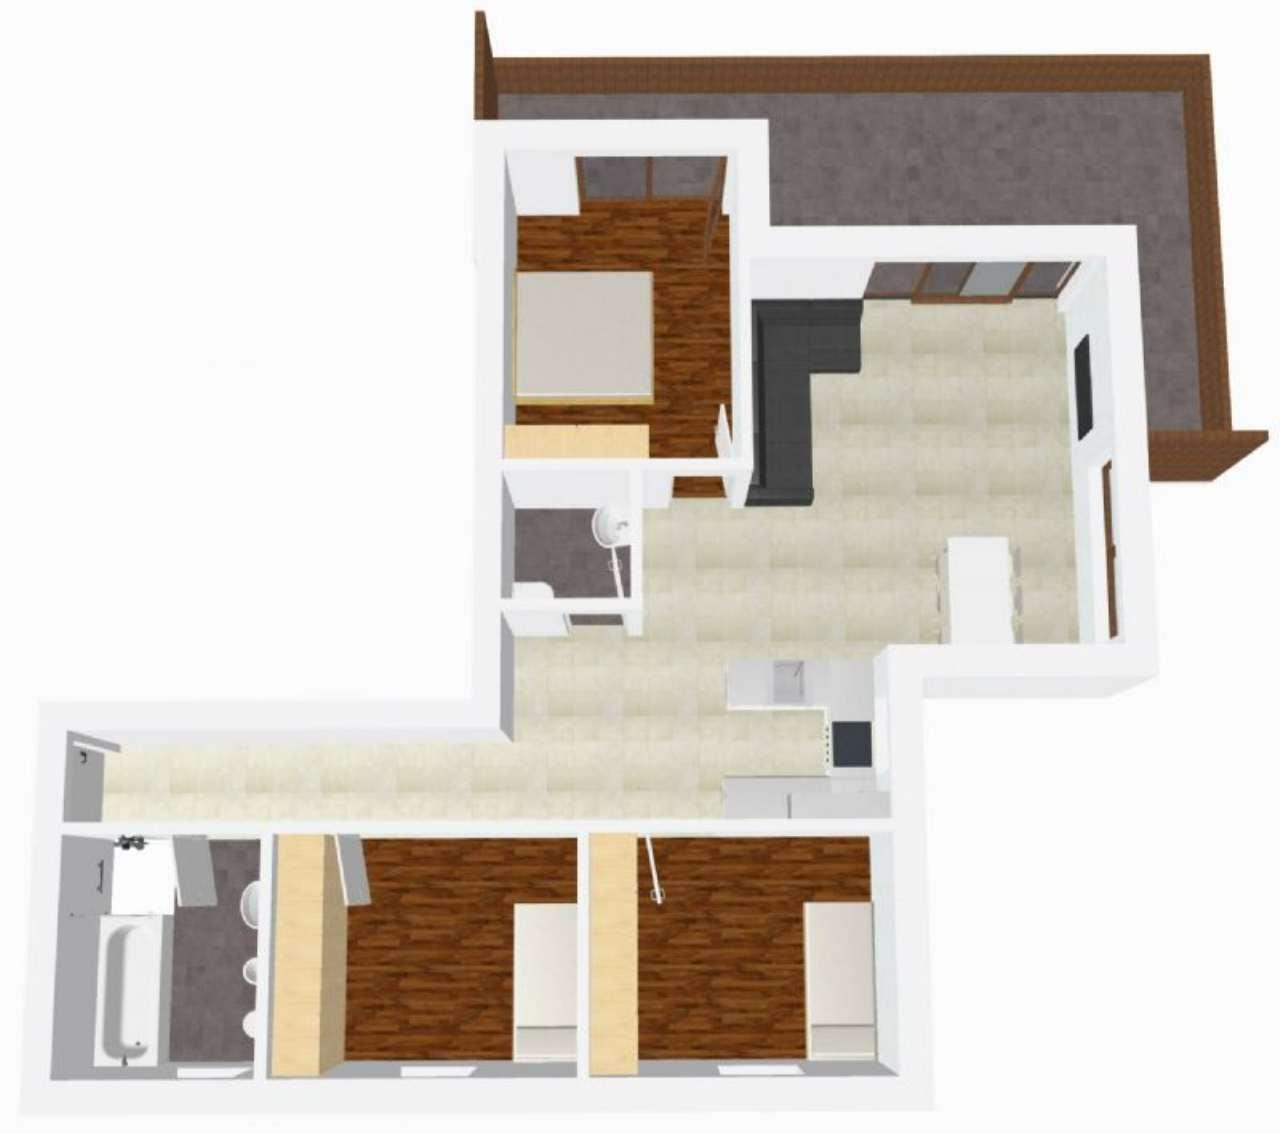 Attico / Mansarda in vendita a Lana, 4 locali, Trattative riservate | Cambio Casa.it